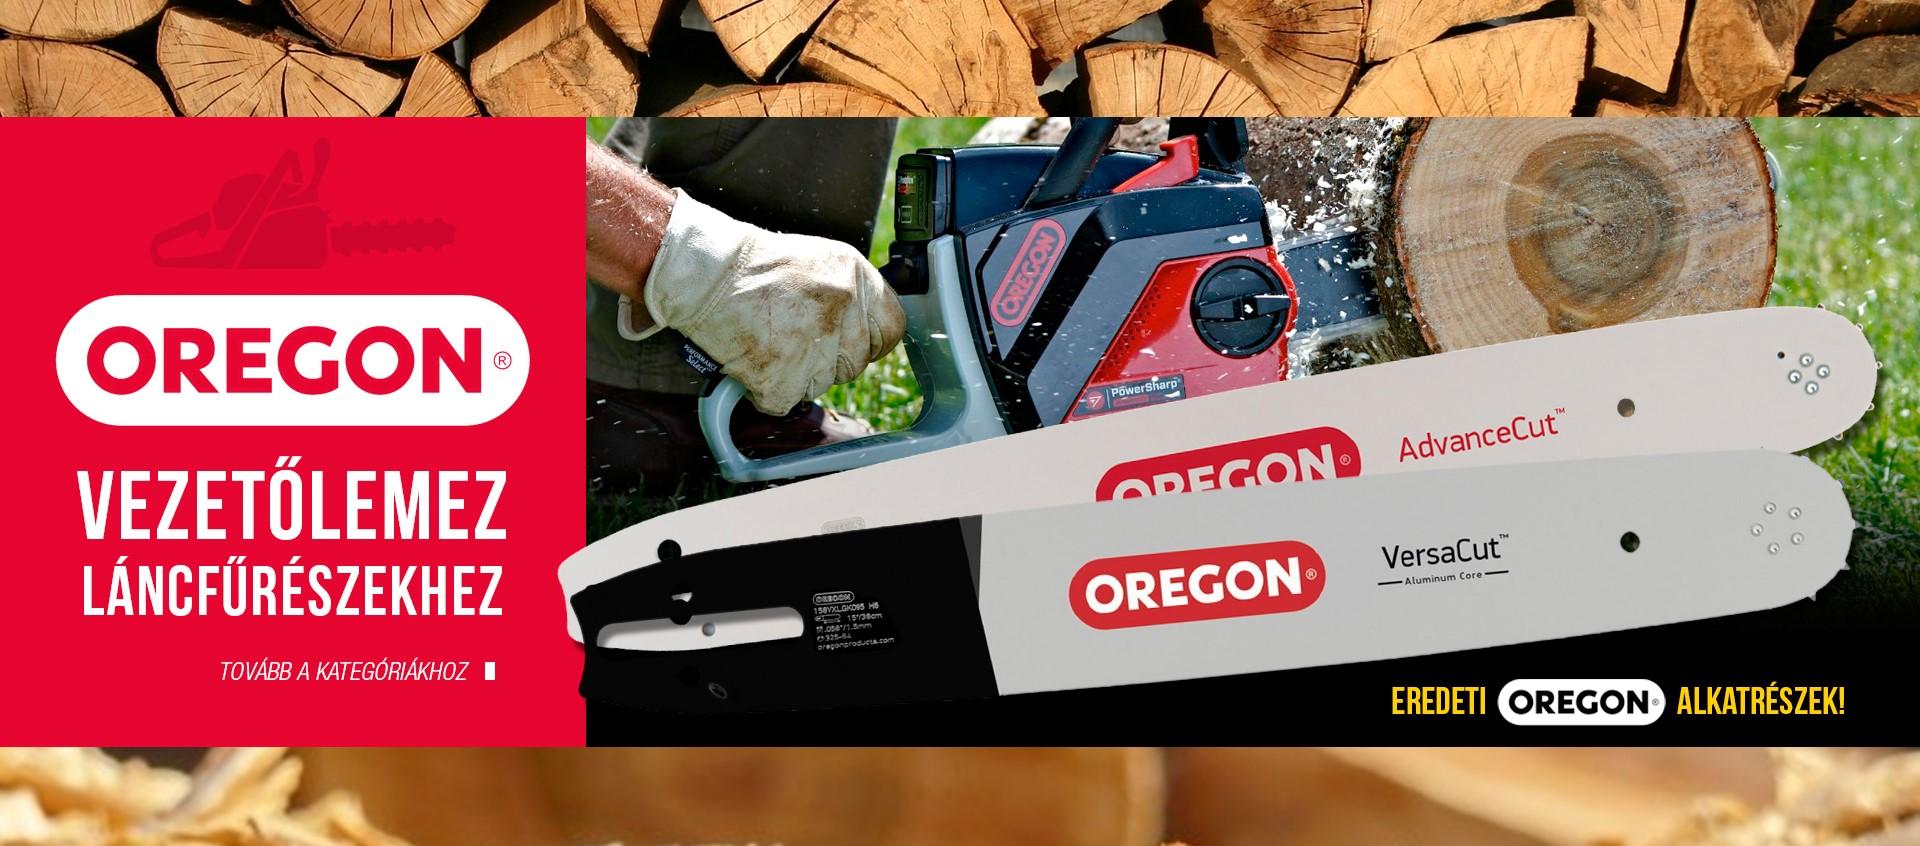 Oregon vezetőlemez